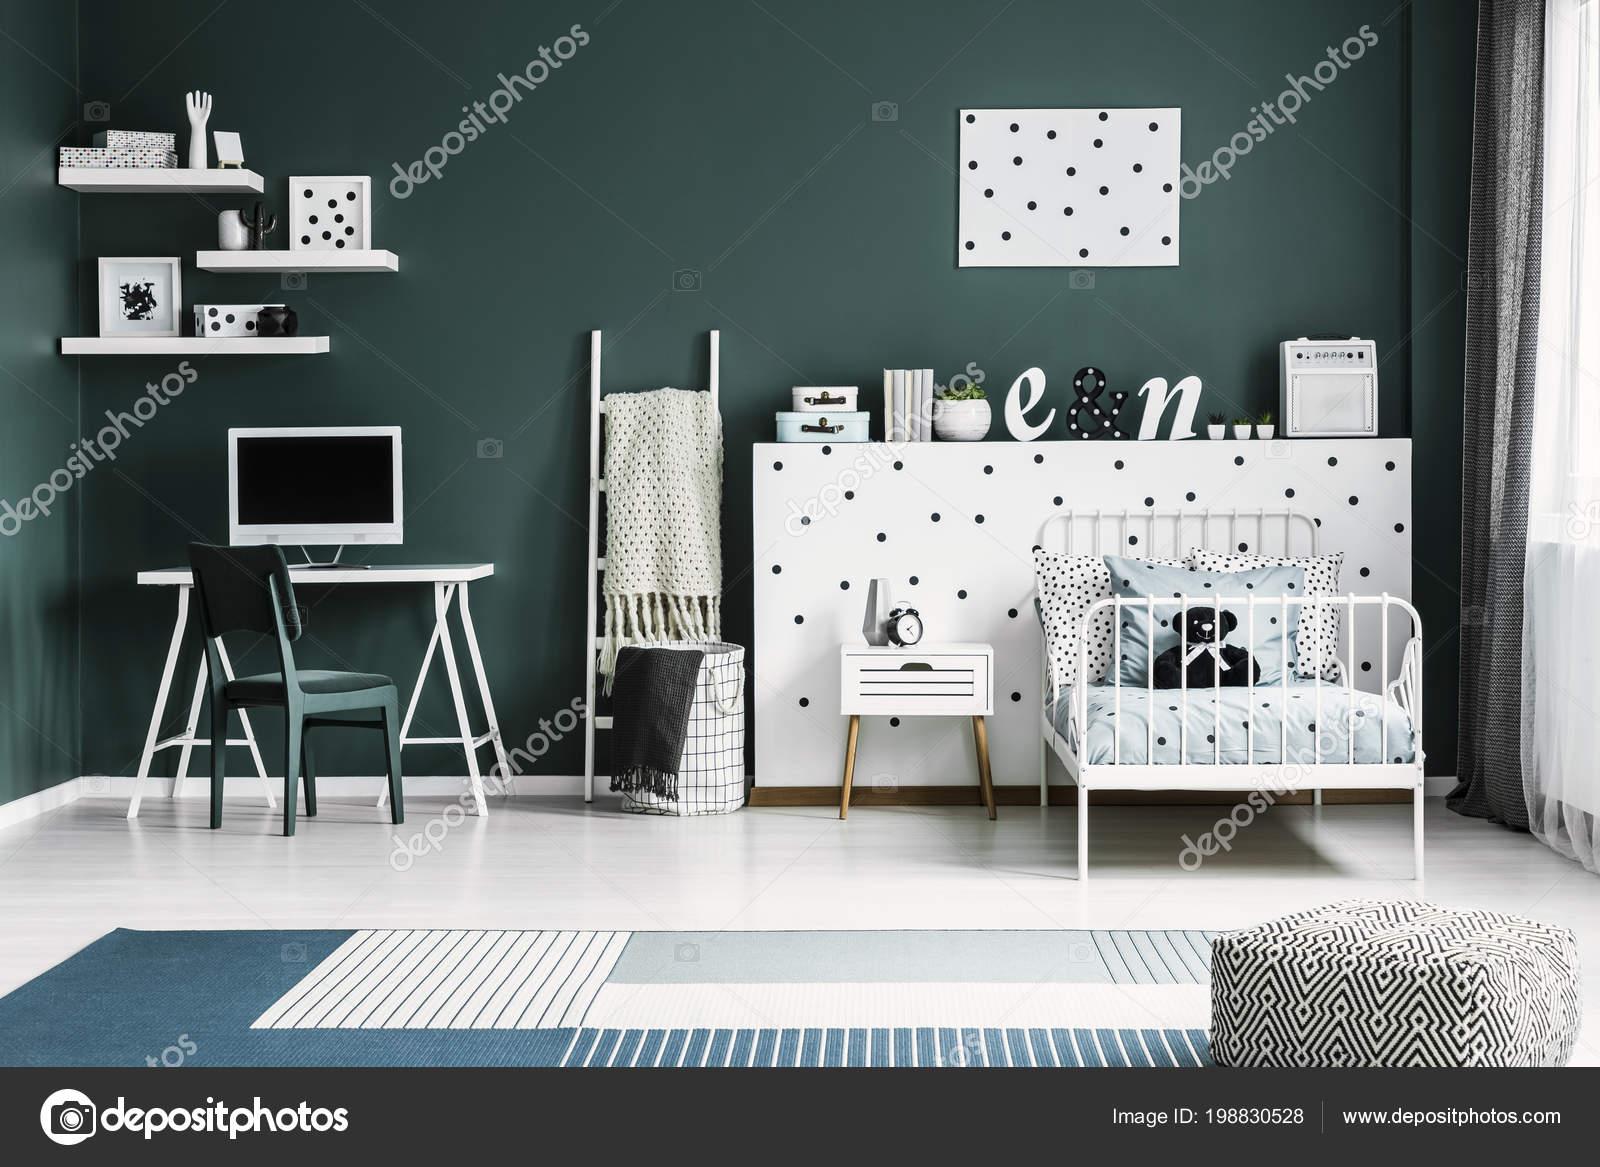 Lit jumeau métal blanc par mur pois avec décorations bureau